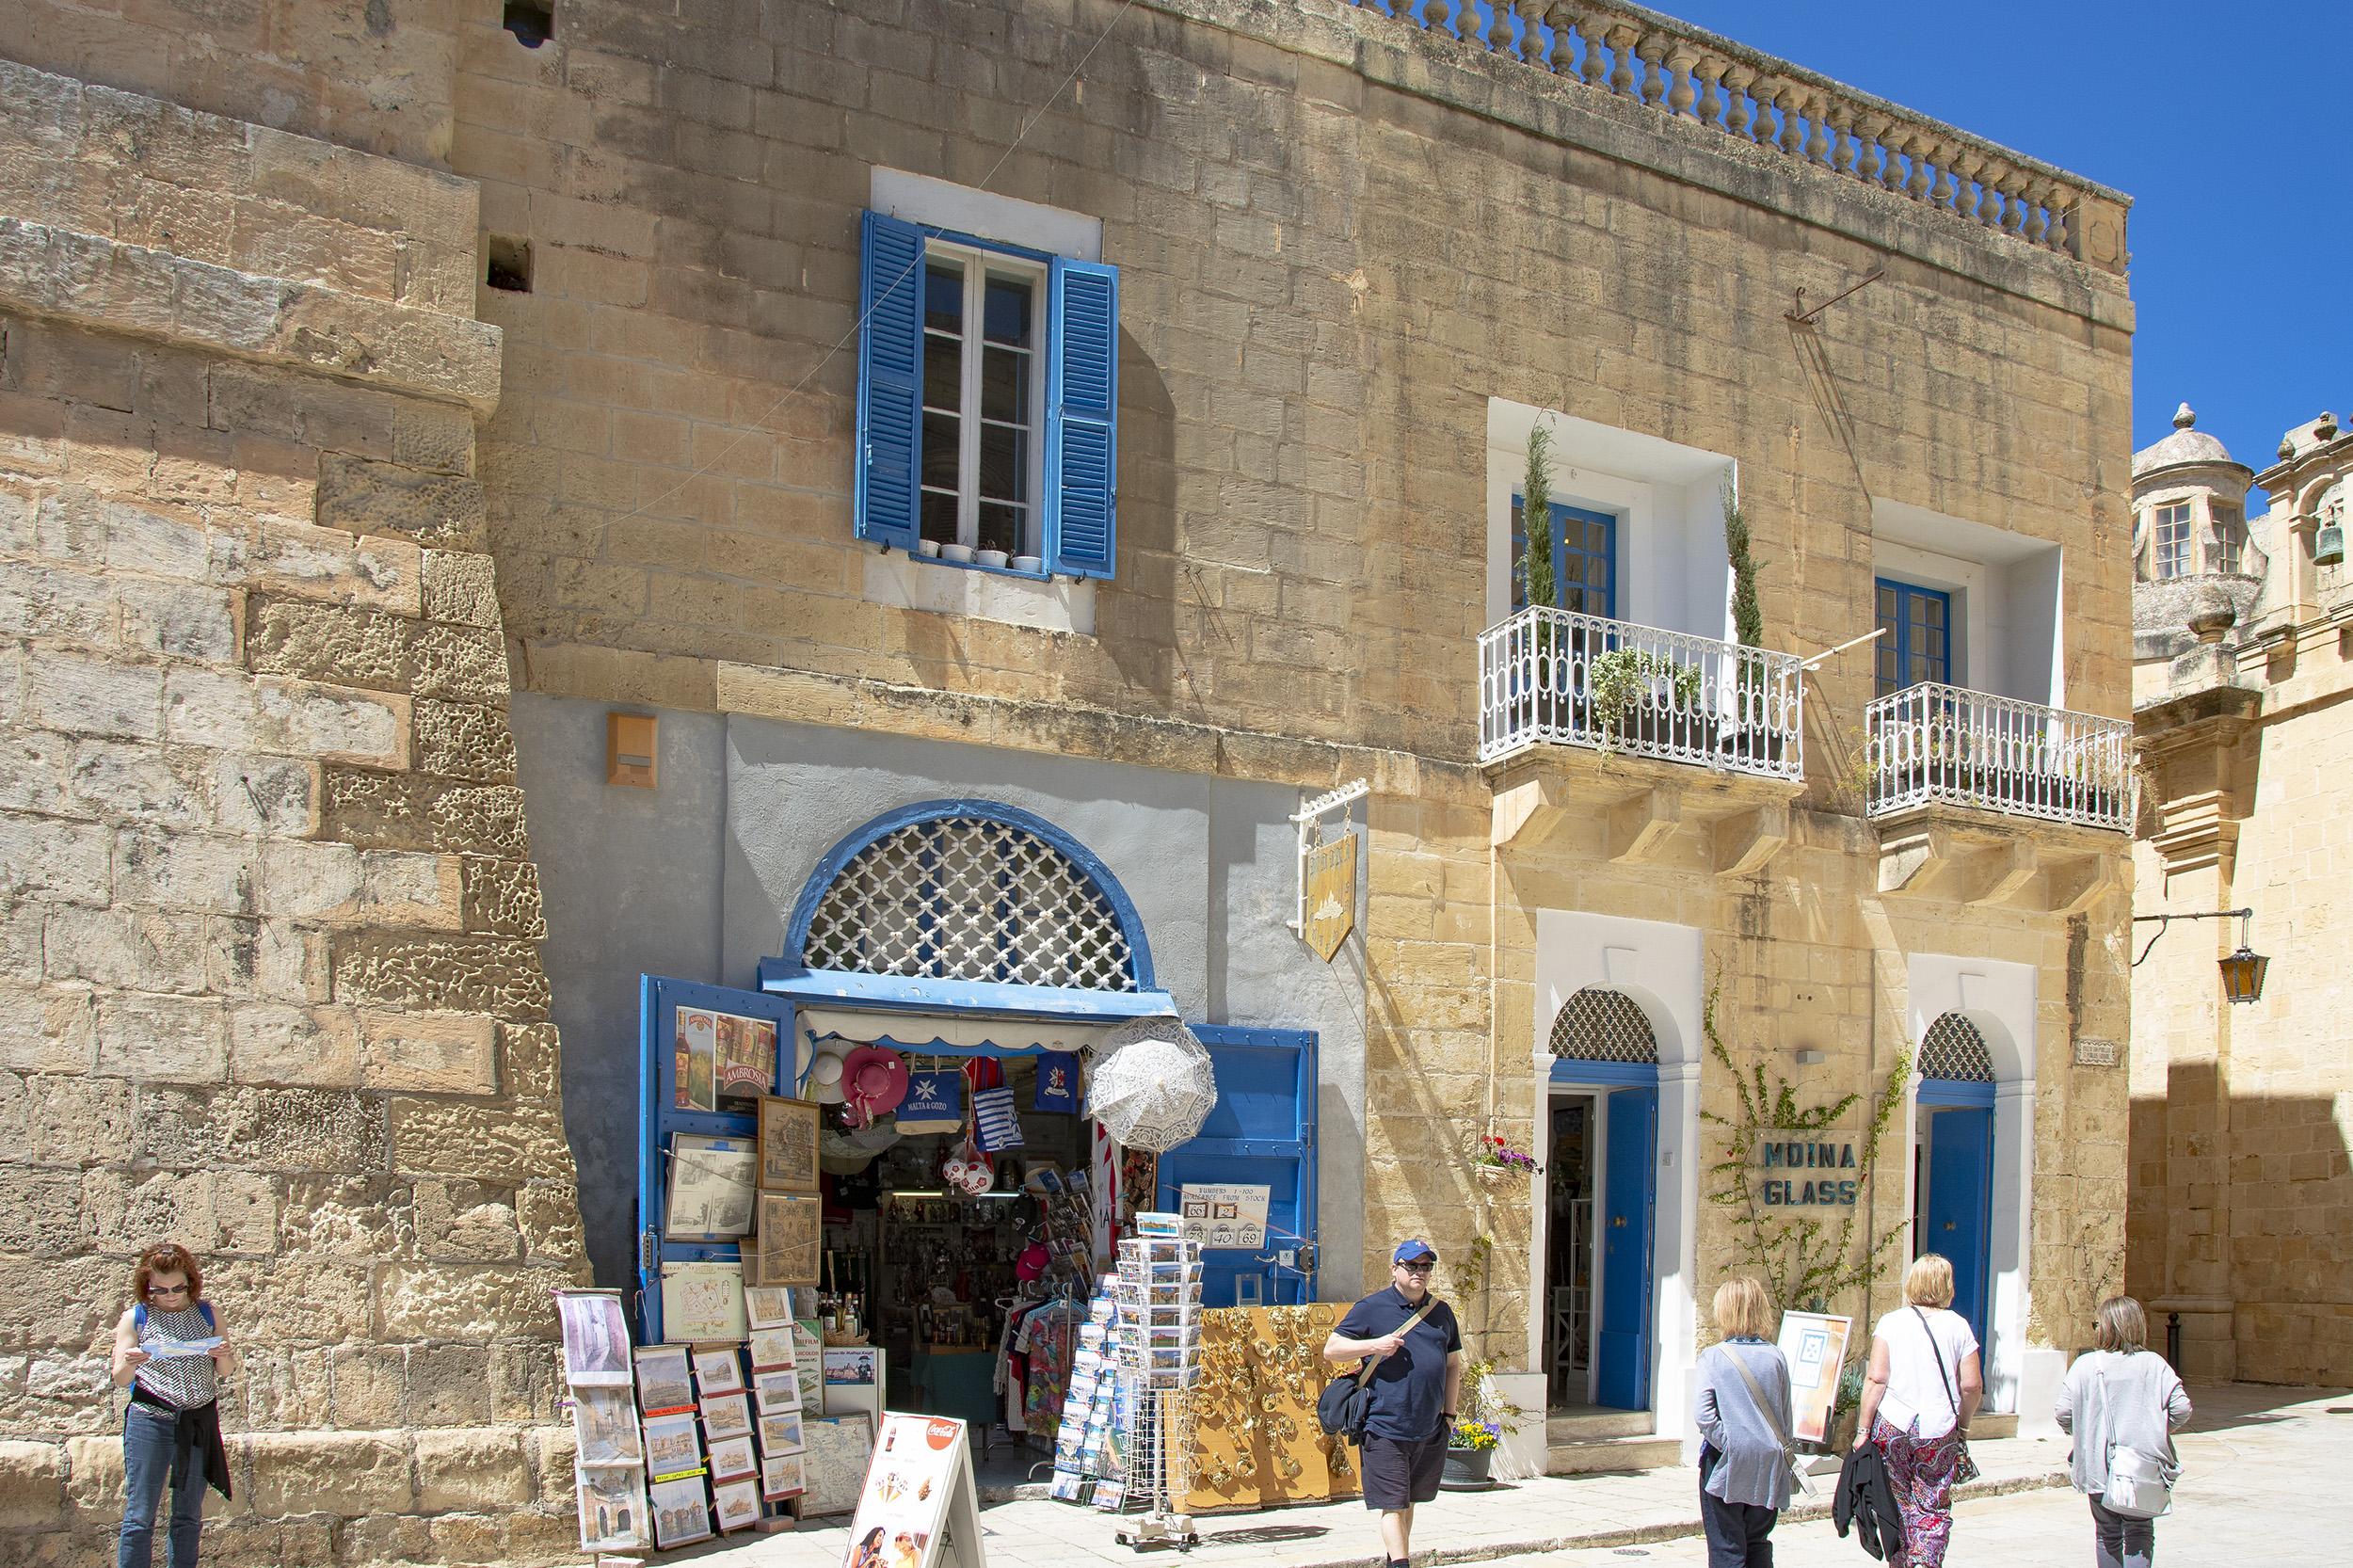 Hus med blå fönster i Mdina på Malta